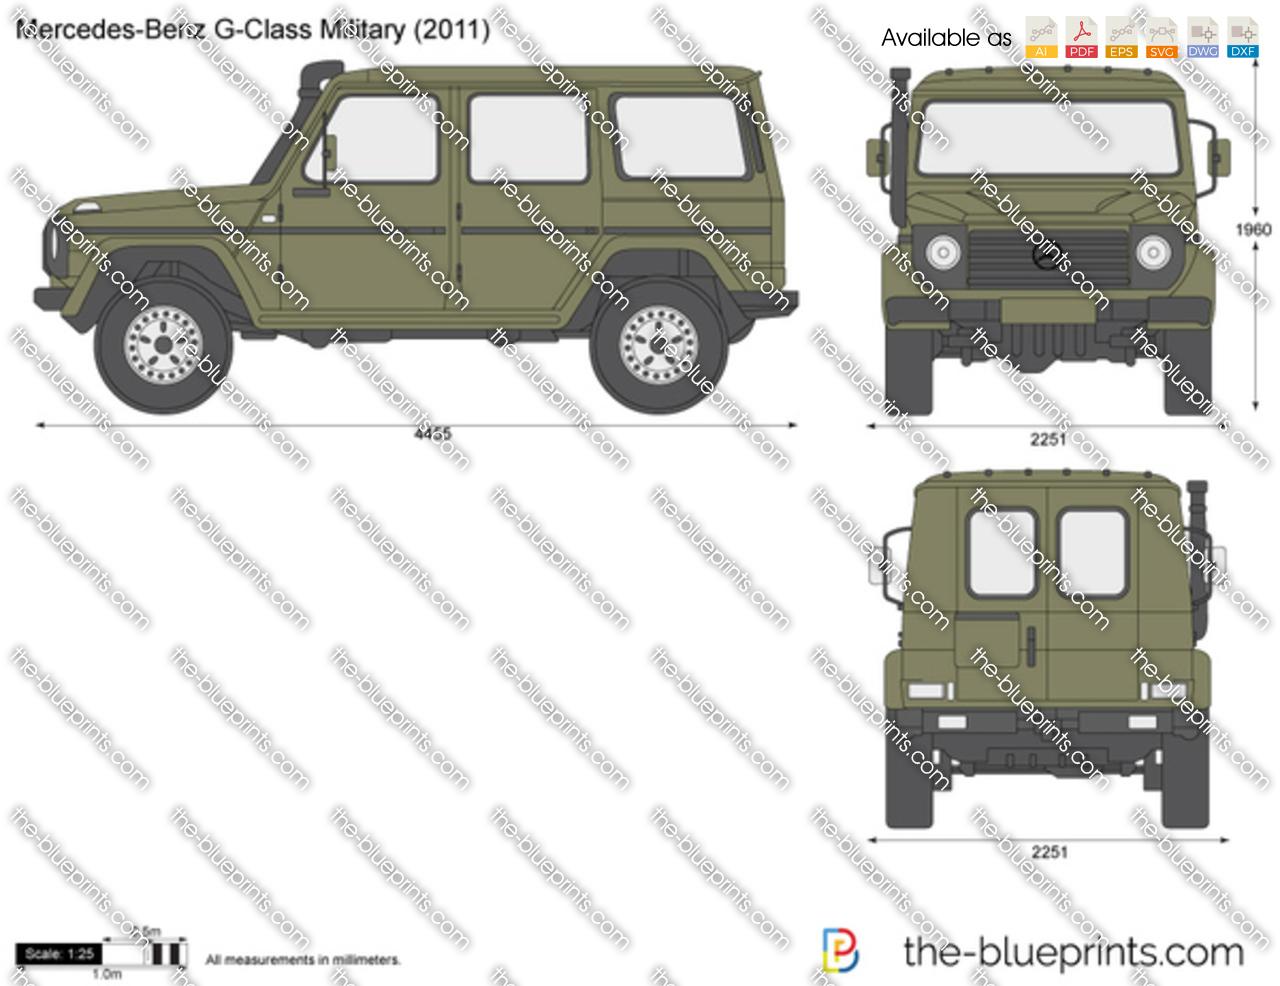 Mercedes-Benz G-Class Military 461 1993